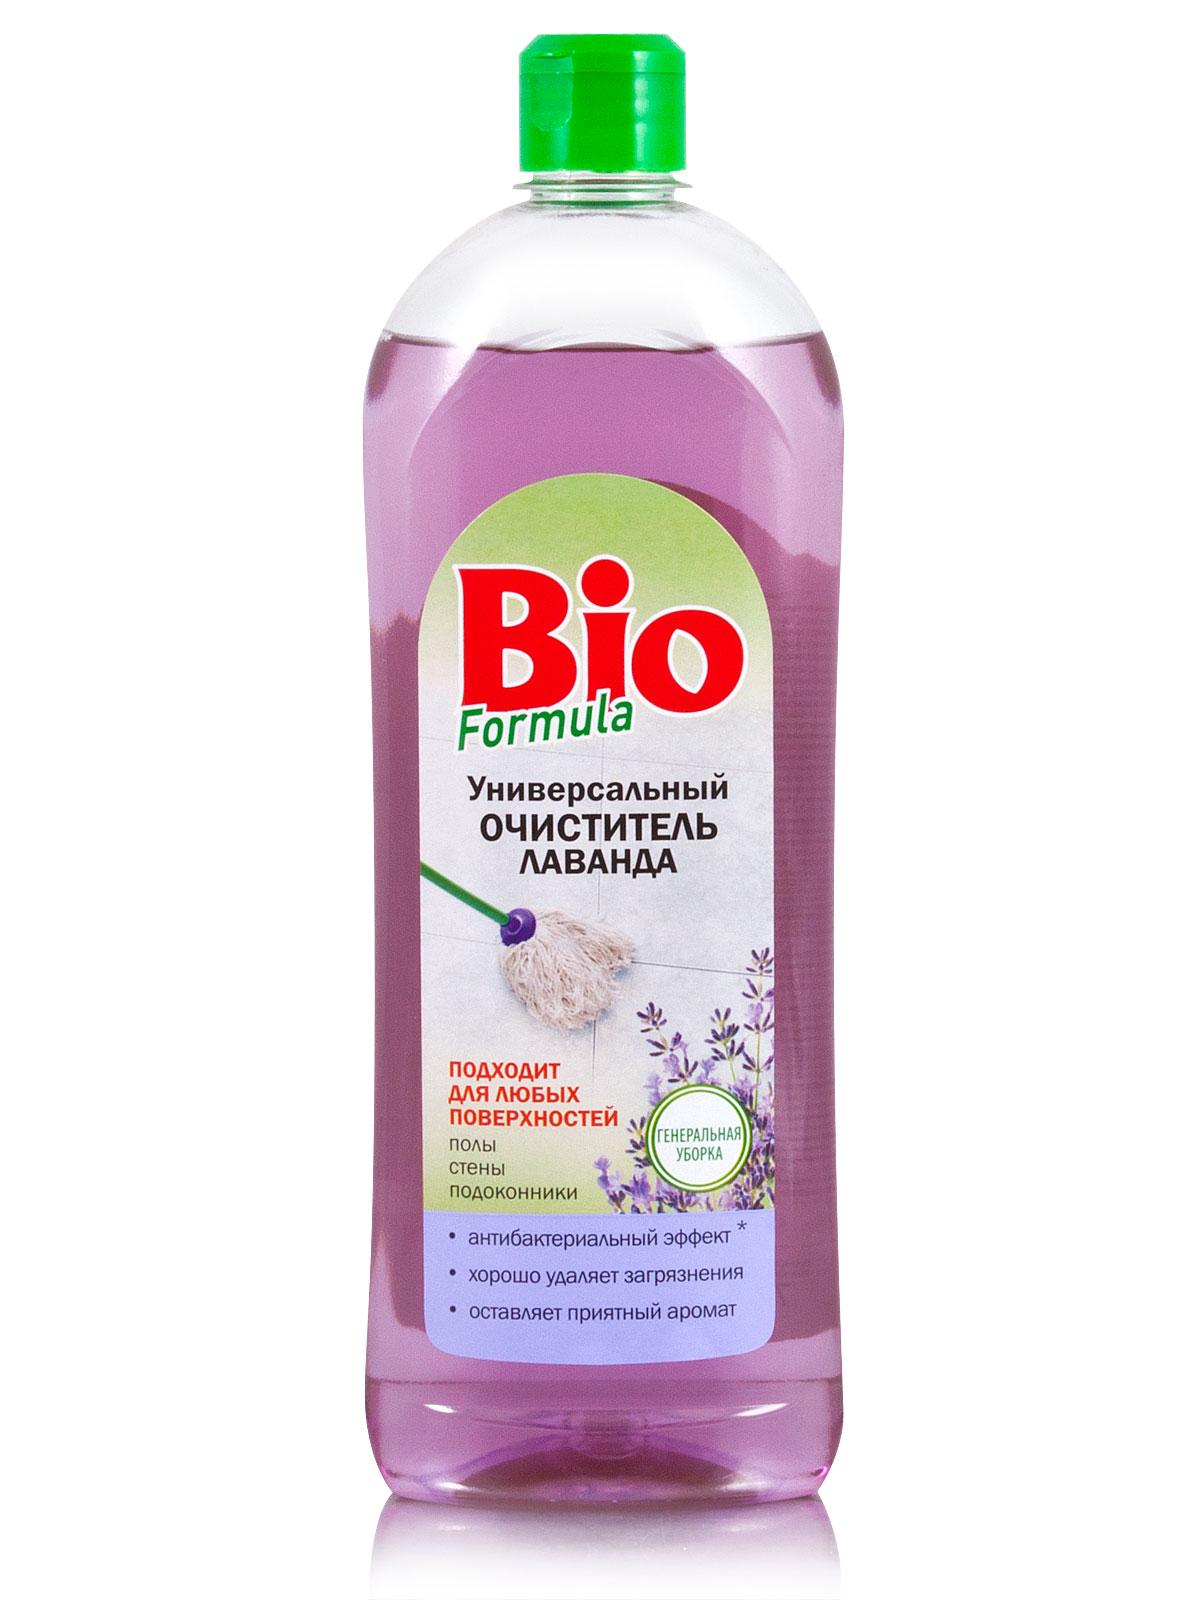 bio BIO Formula Универсальный очиститель Лаванда 750мл (4823015932731)